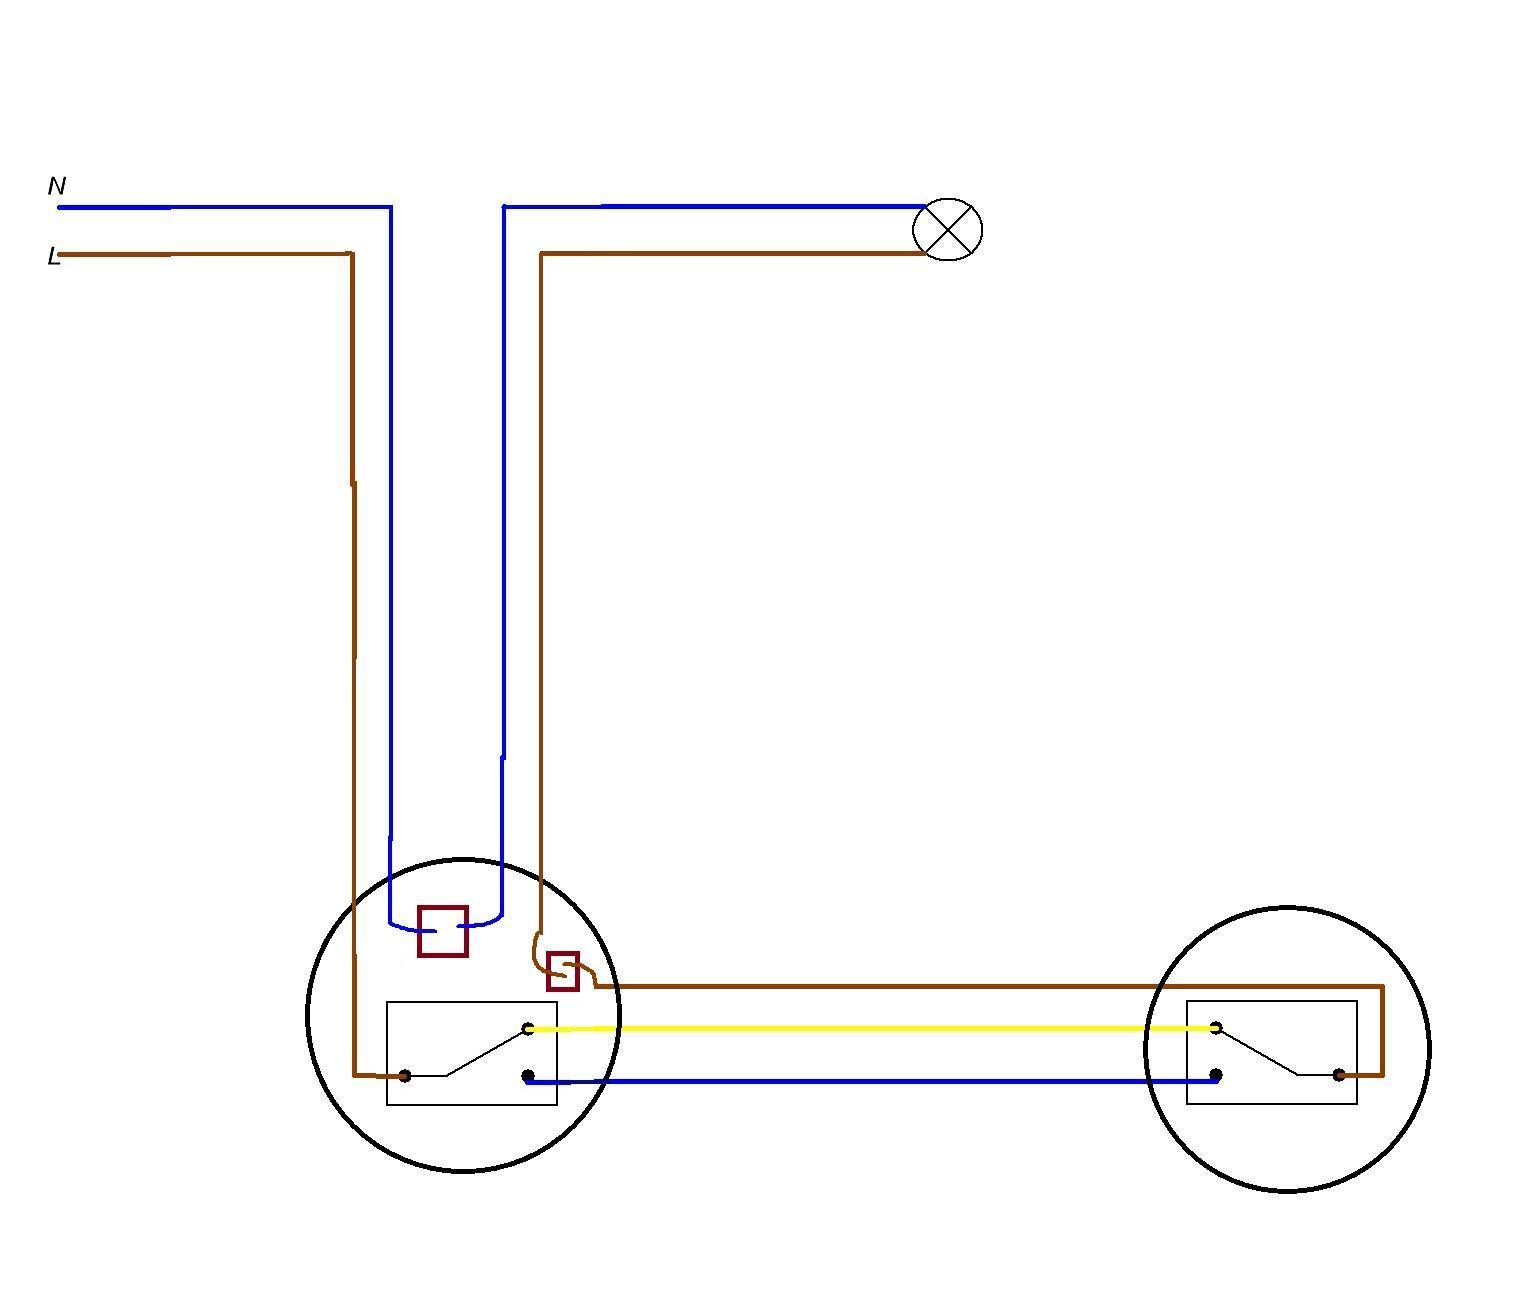 Как подключить двойной выключатель схема подключения фото